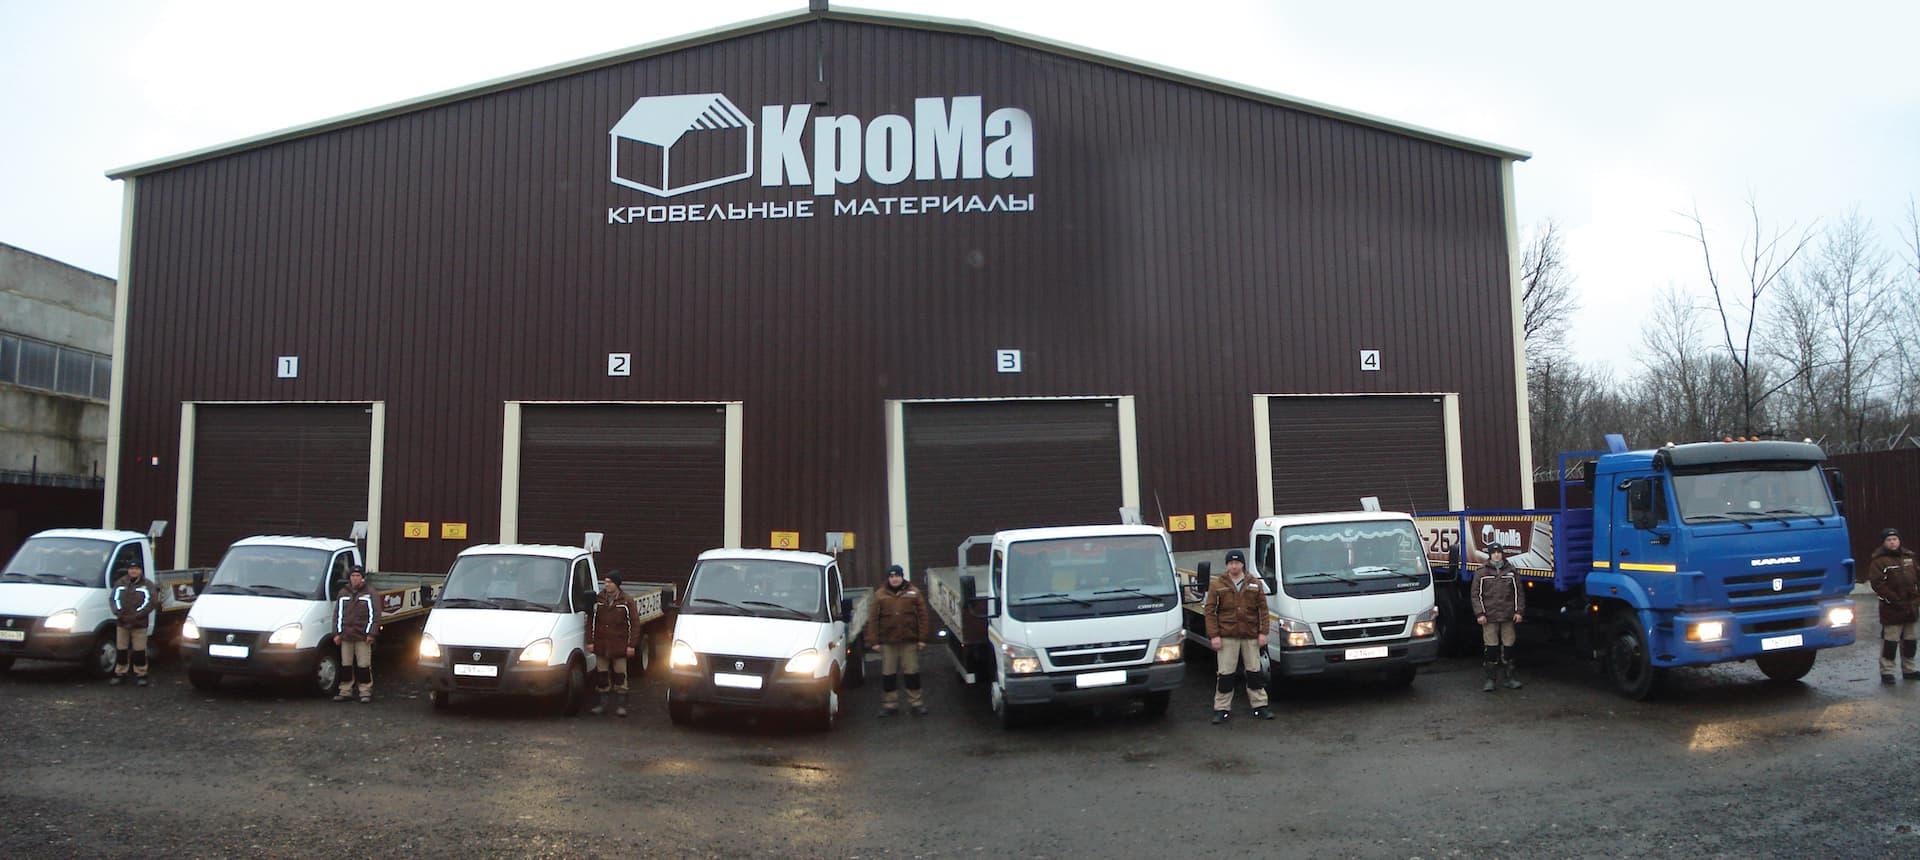 Доставка заказов покупателям автотранспортом ПКФ КроМа